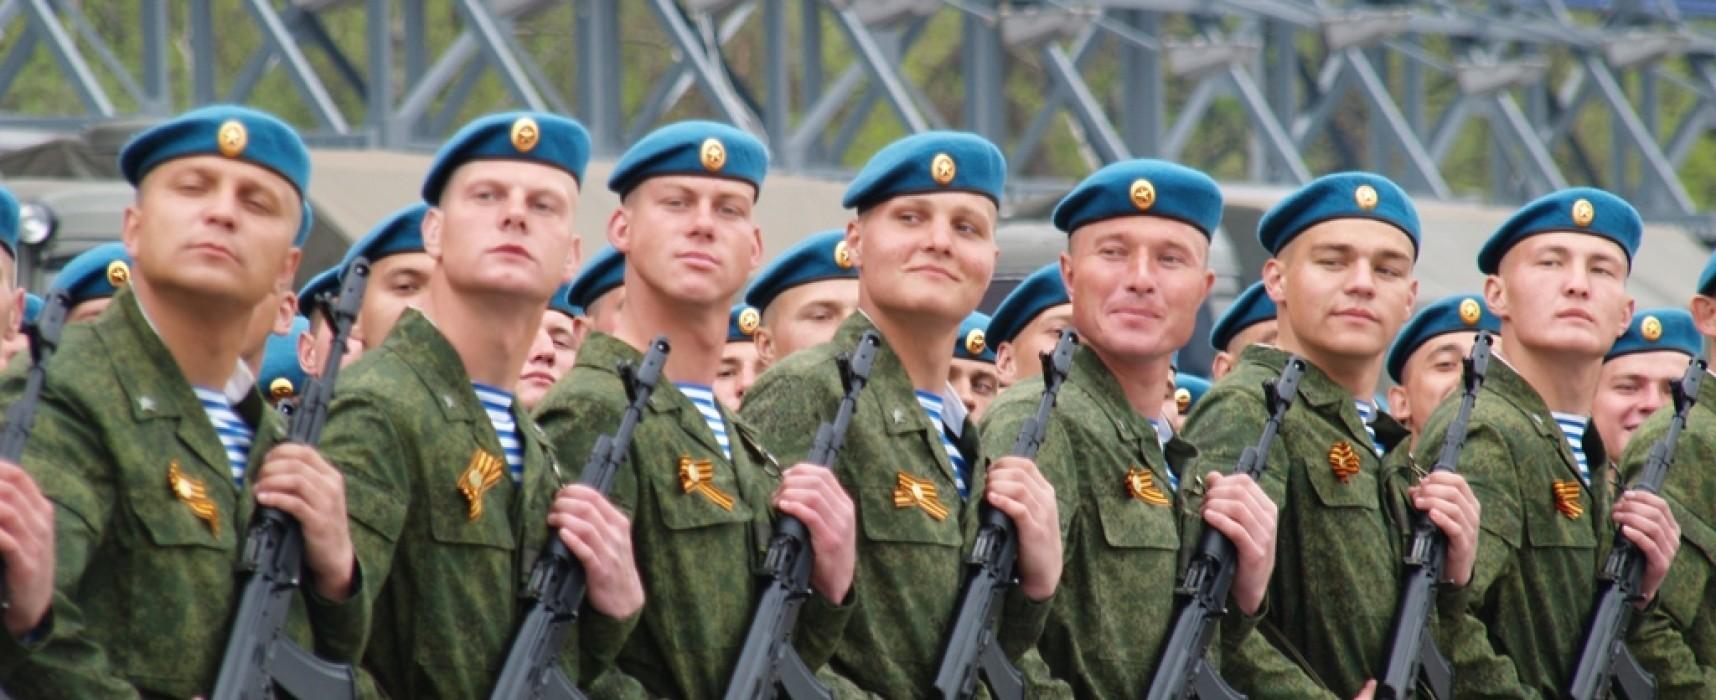 Половина россиян не слышали о гибели псковских десантников — опрос